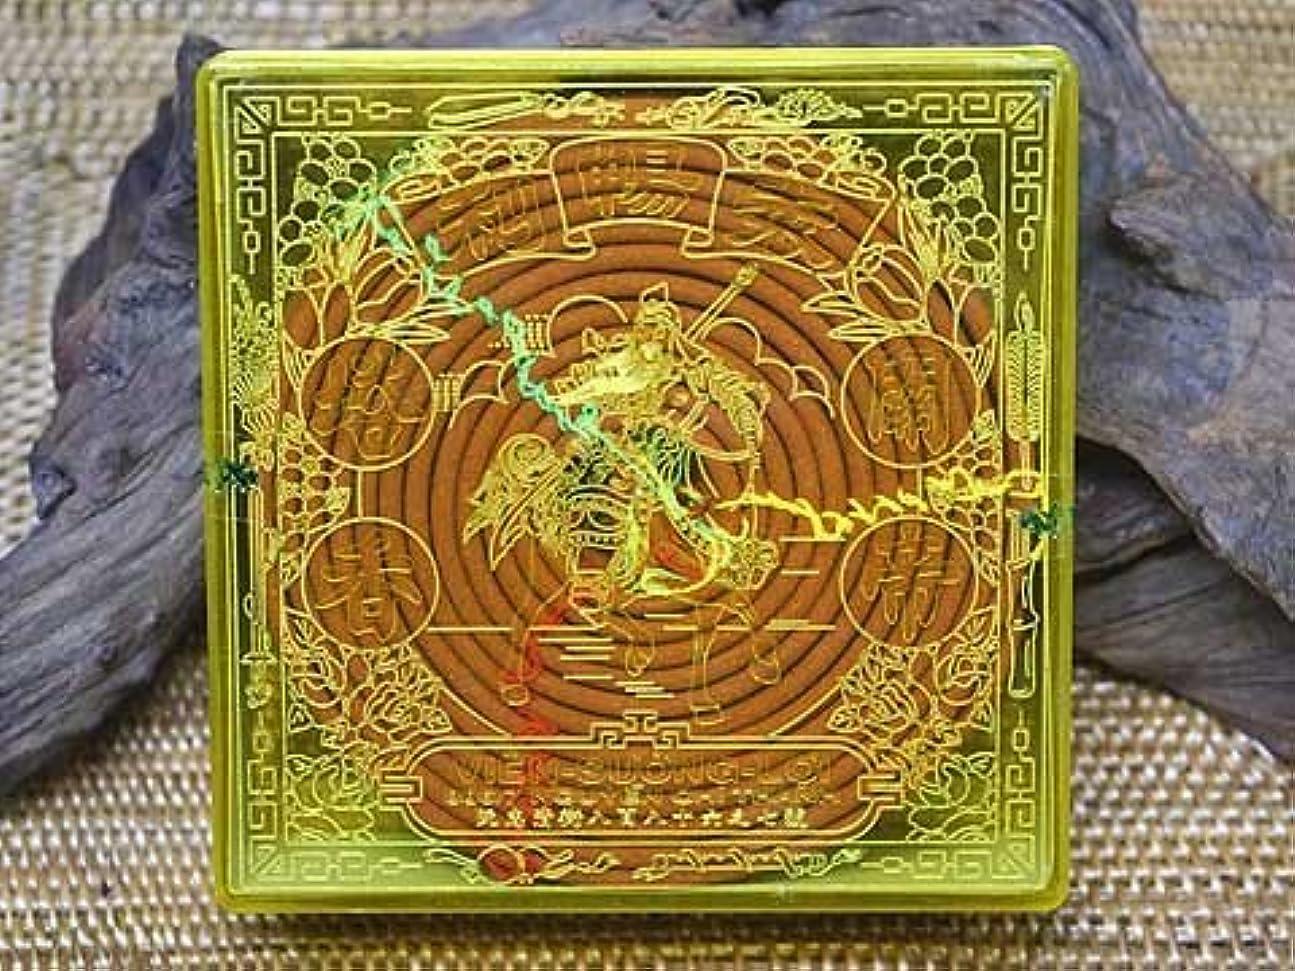 乳机比較Vietnam Incense ベトナムのお香【特等貢檀香 関聖帝君 渦巻き檀香】